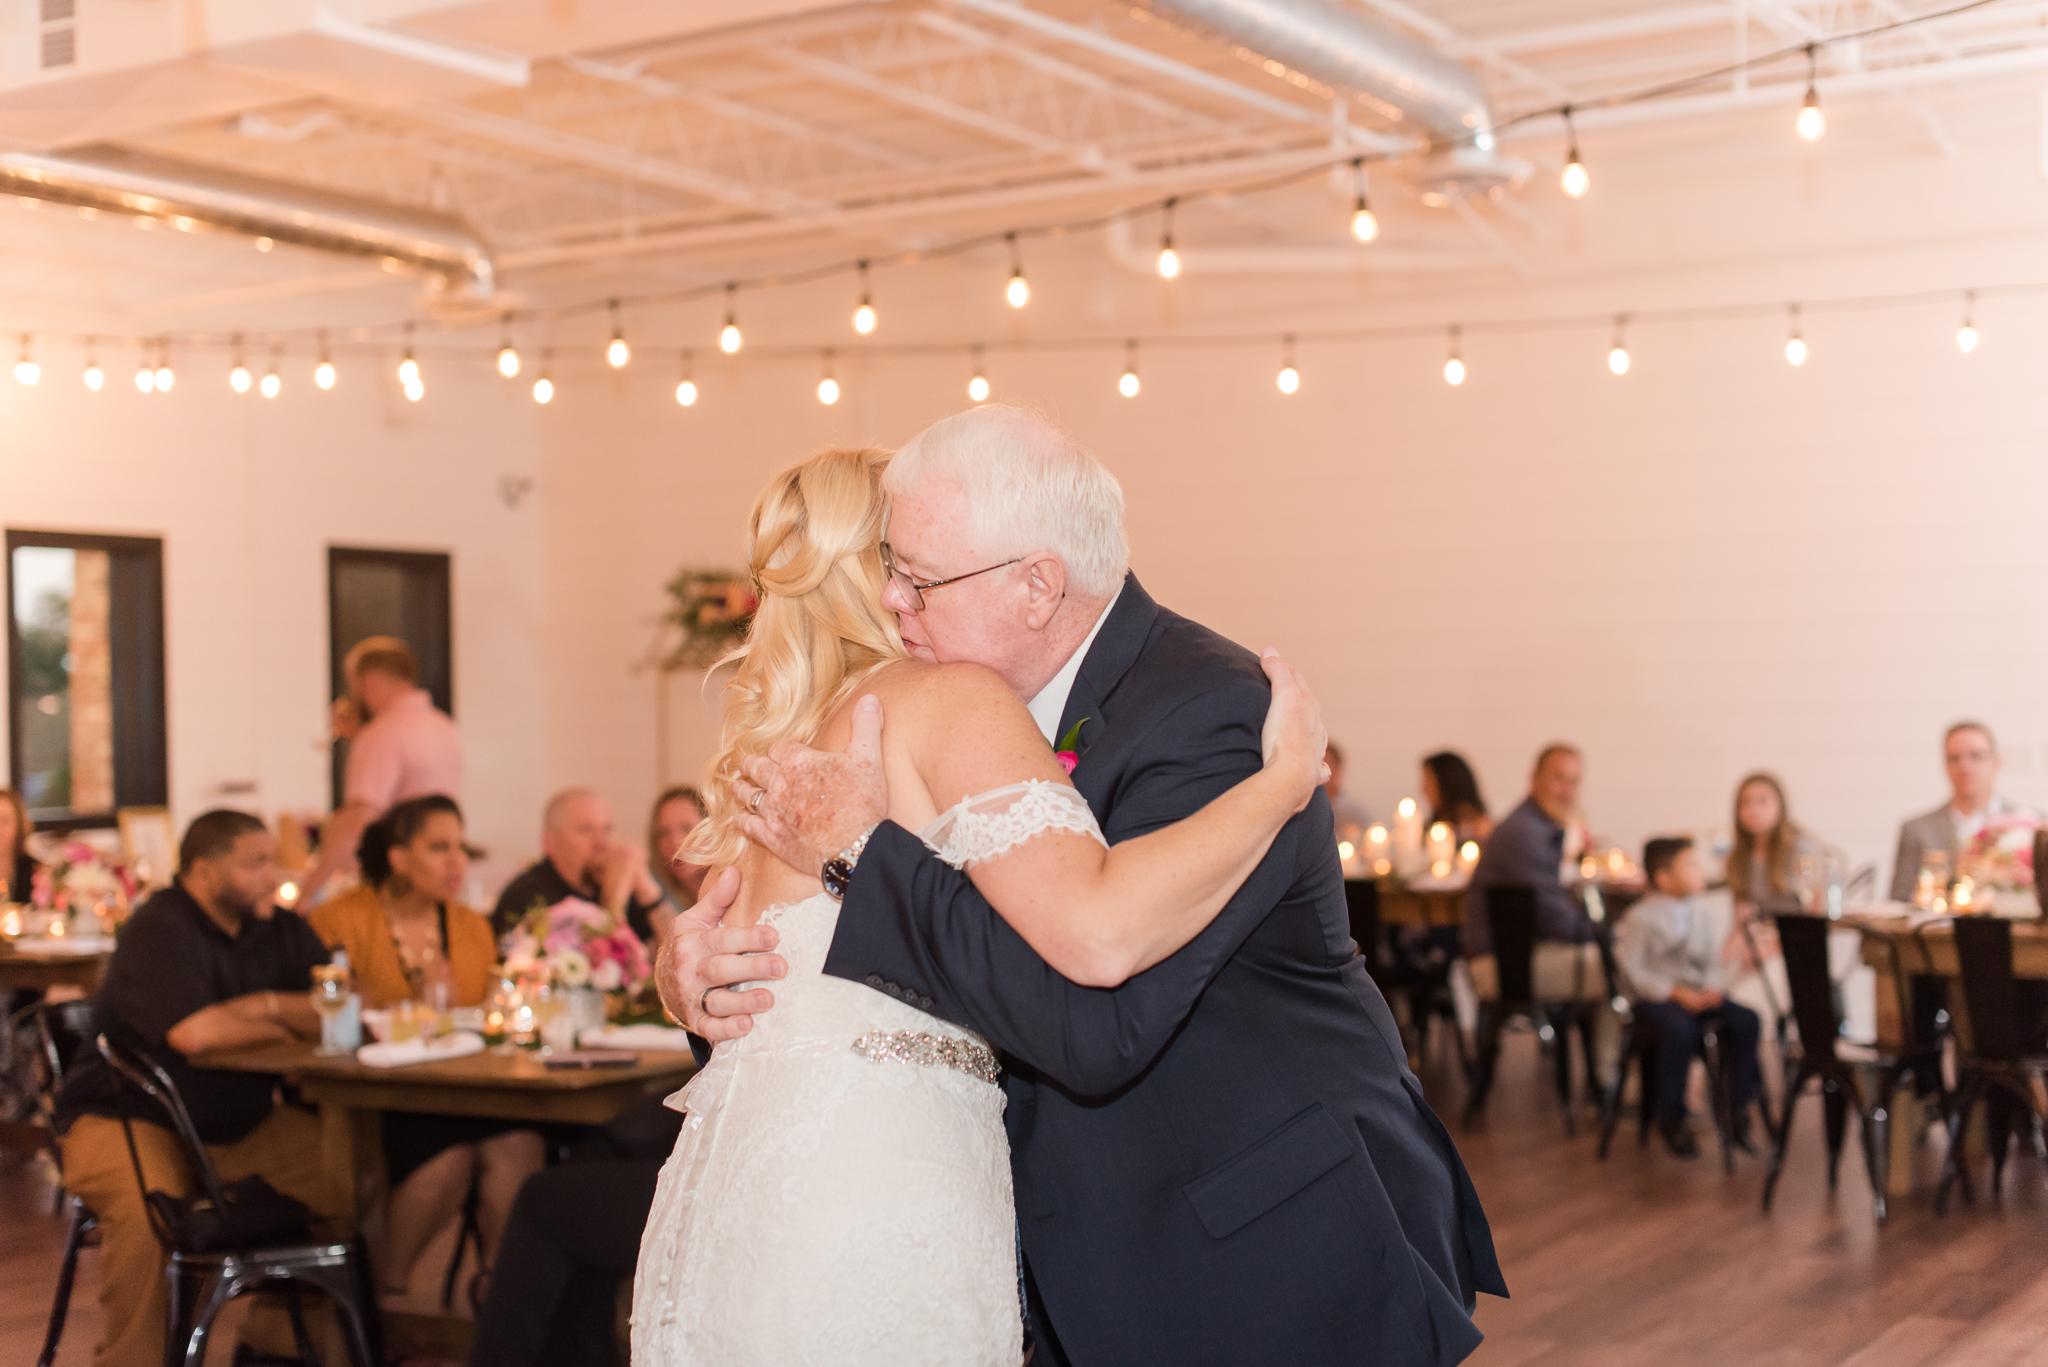 Wedding Reception at Bash in Carmel Indiana8311.jpg